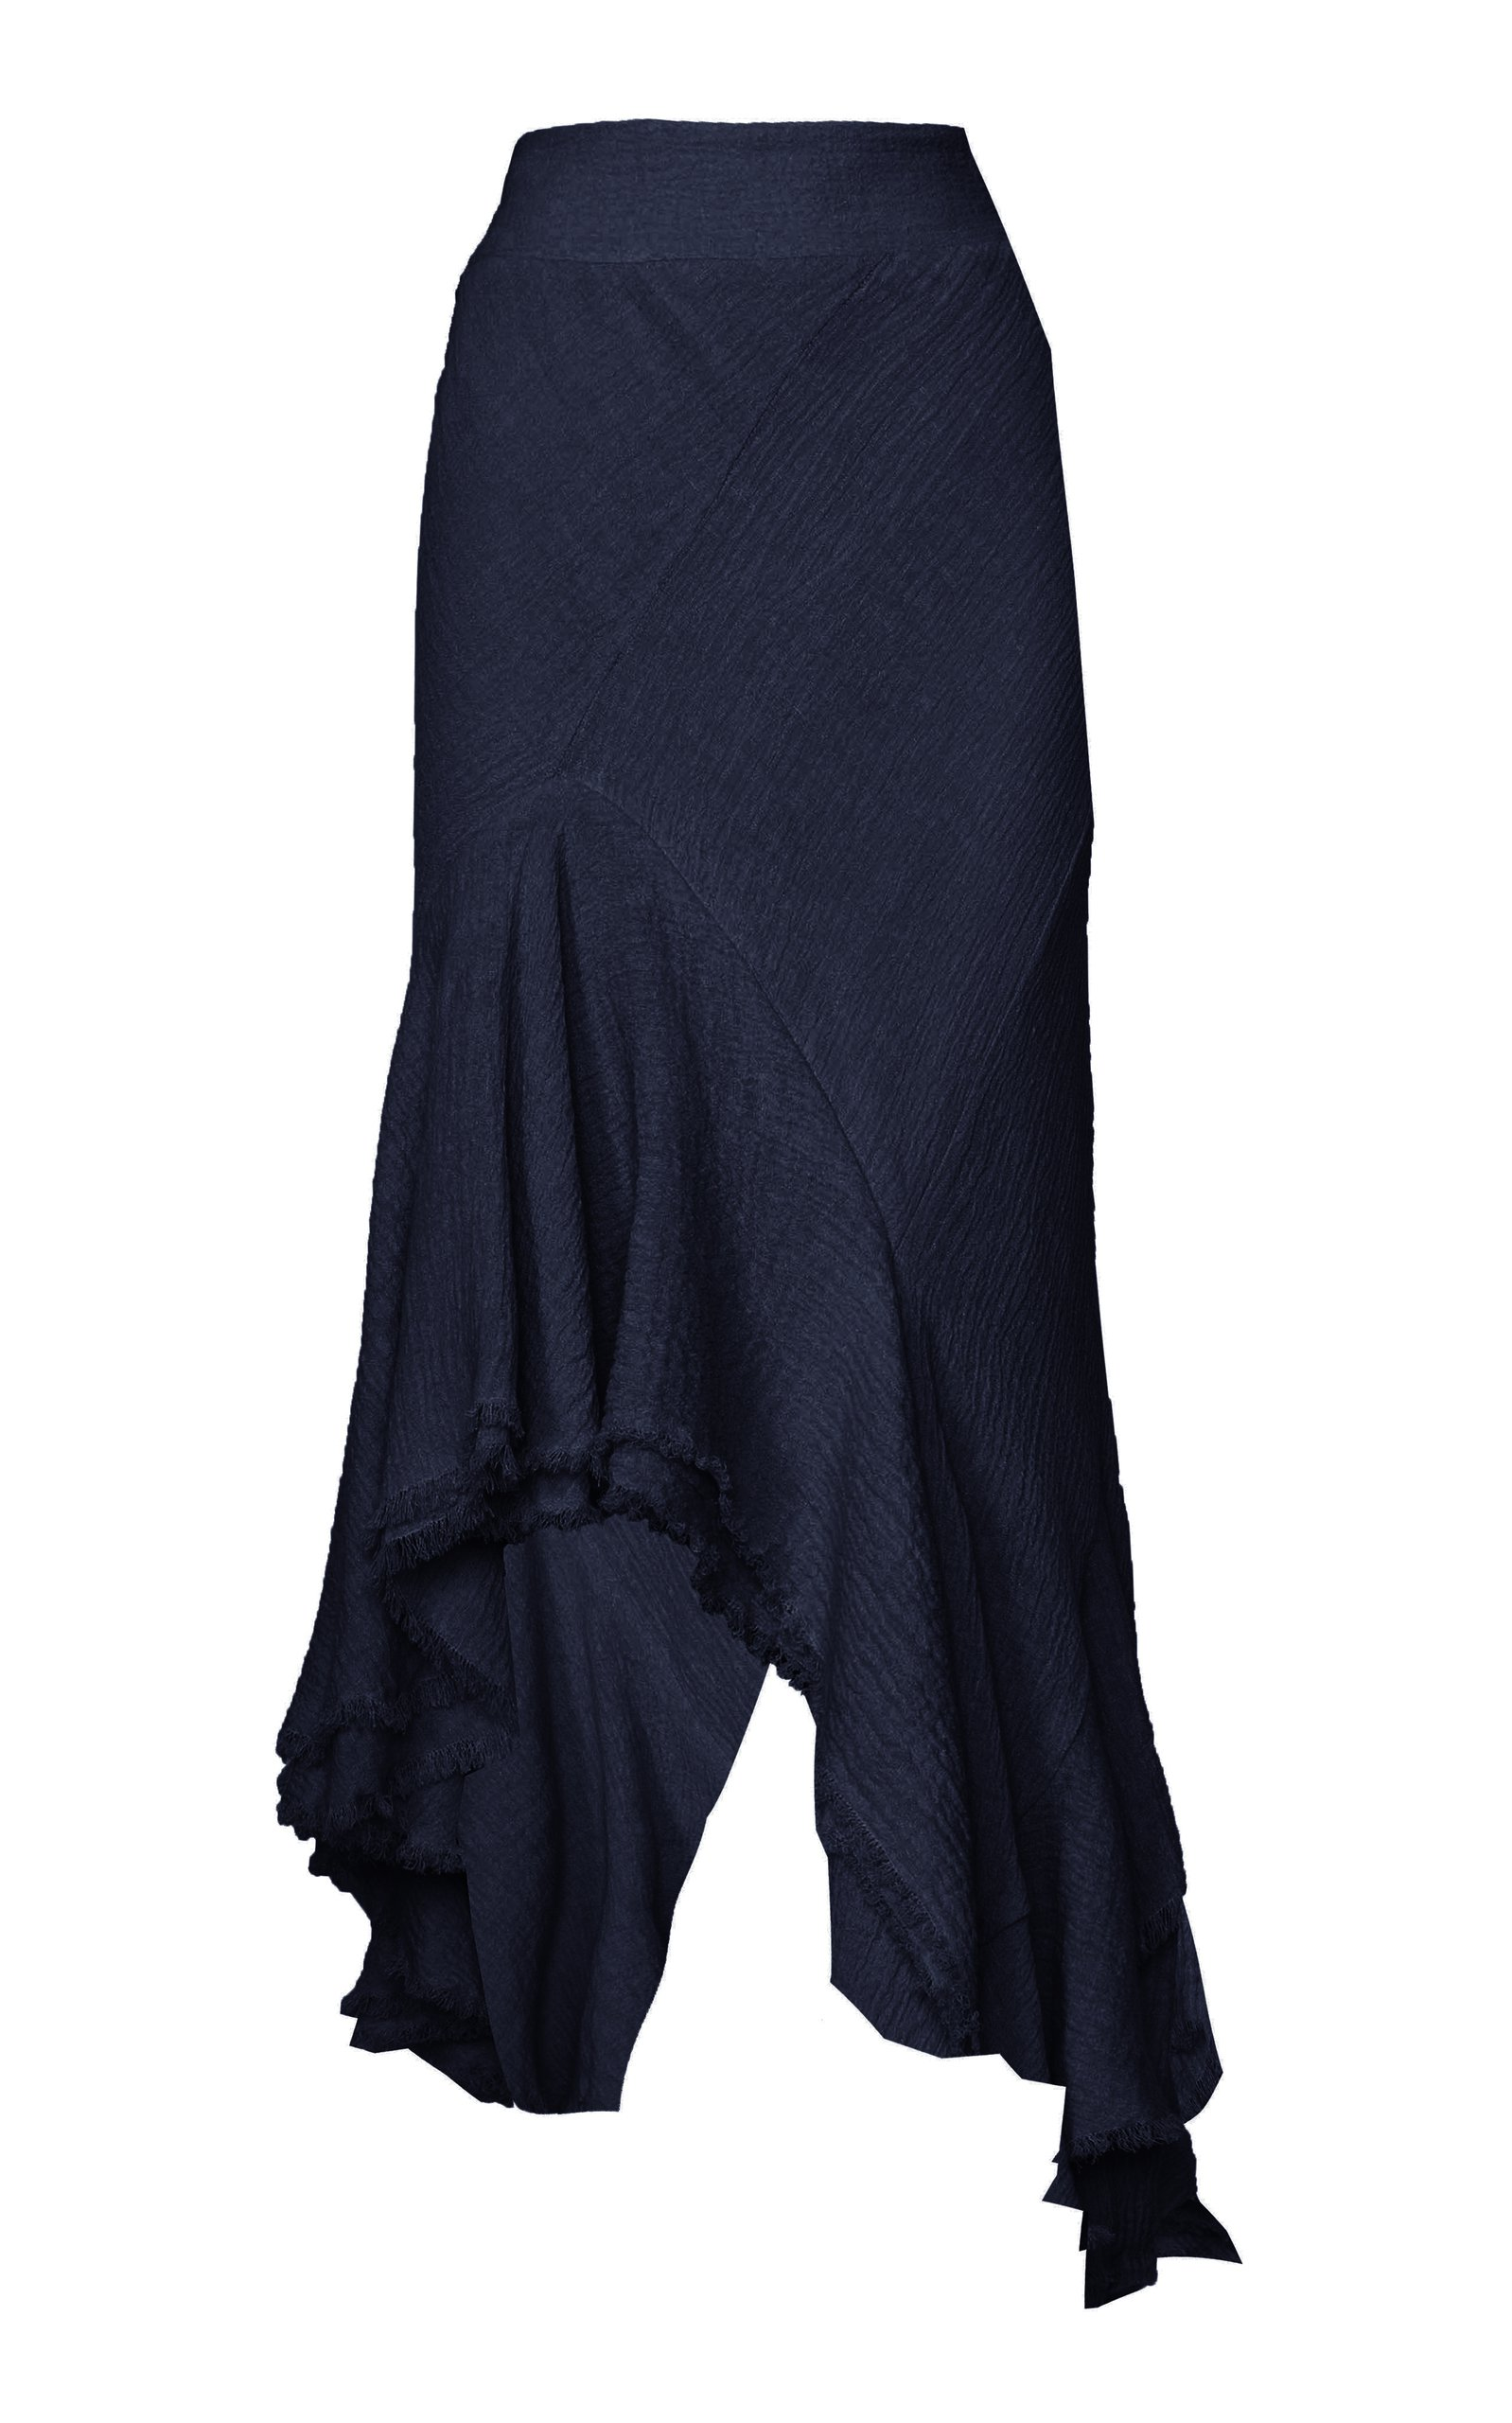 Kitx Faithful Keeper Layered Skirt